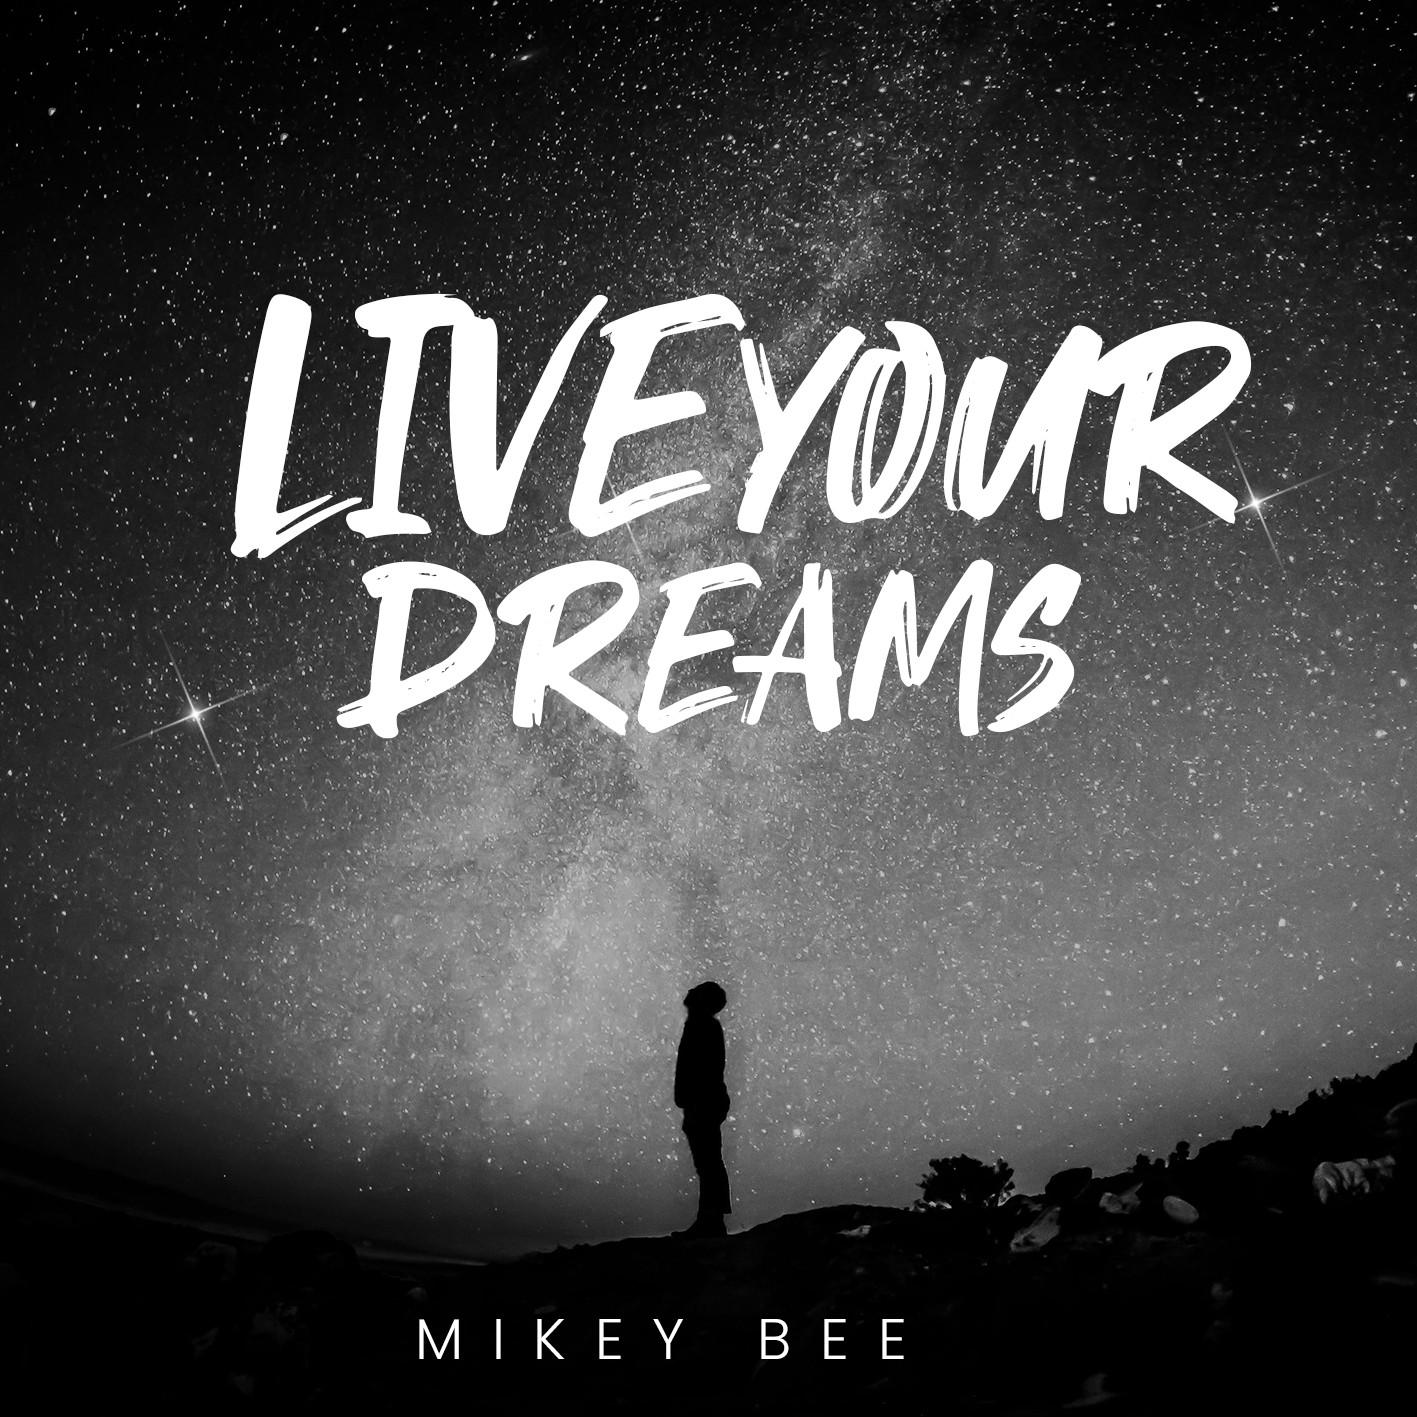 The Live Your Dreams Album Needs Artwork!!